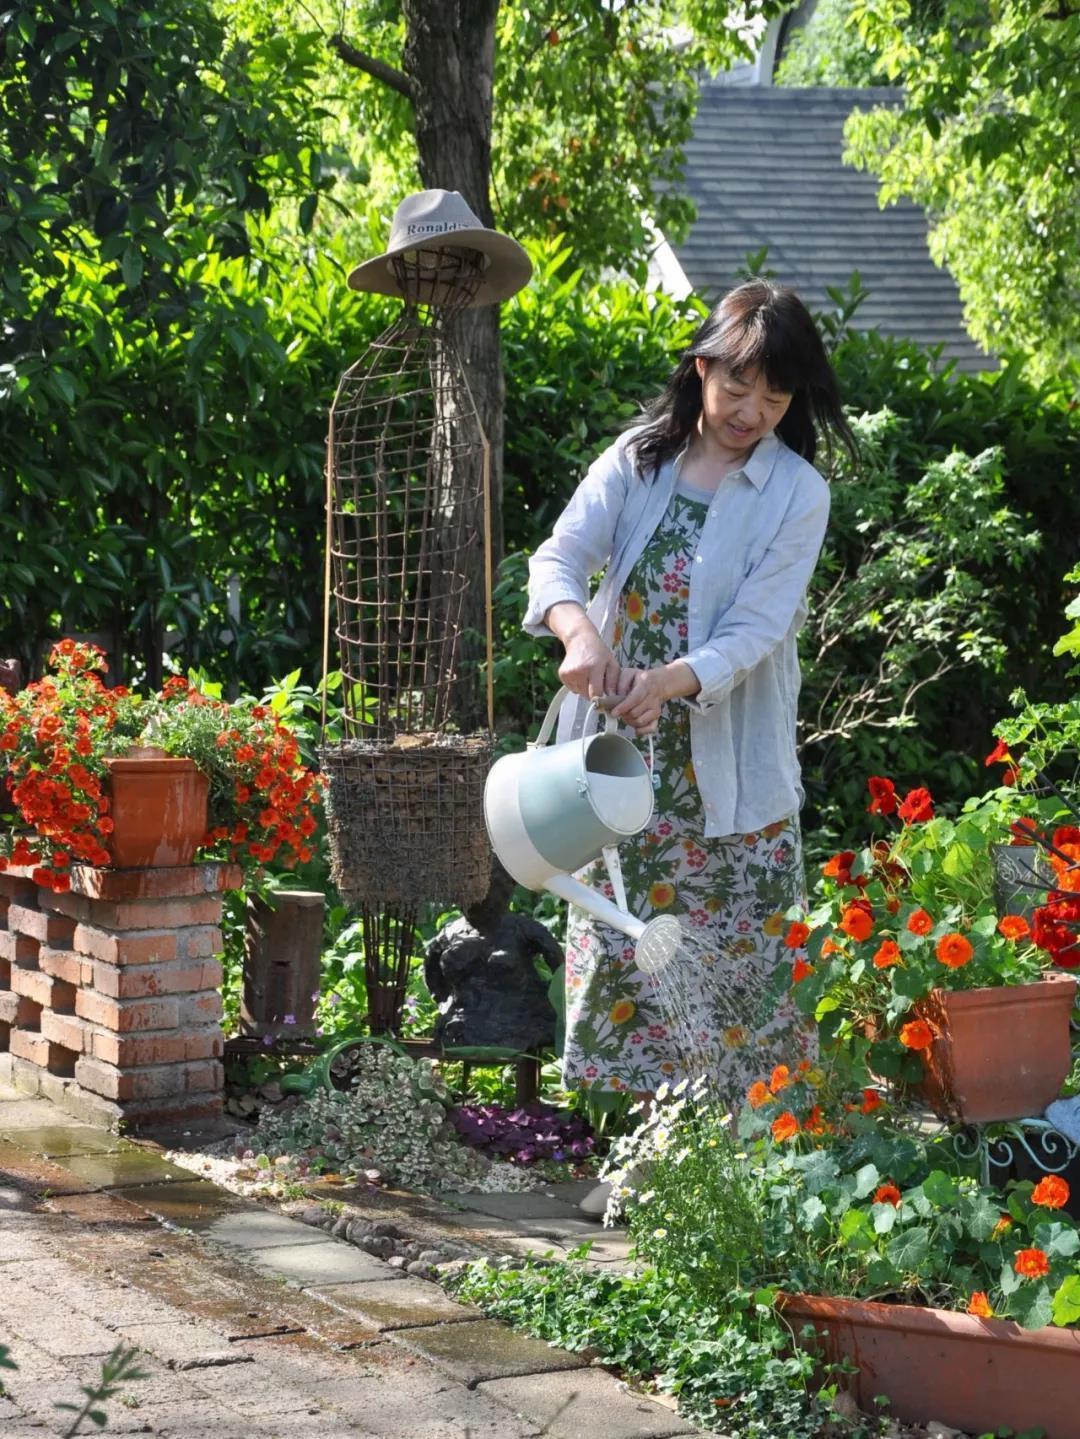 Khu vườn đẹp như chốn thần tiên do người phụ nữ dành tất cả tình yêu trong suốt 16 năm chăm sóc - Ảnh 8.